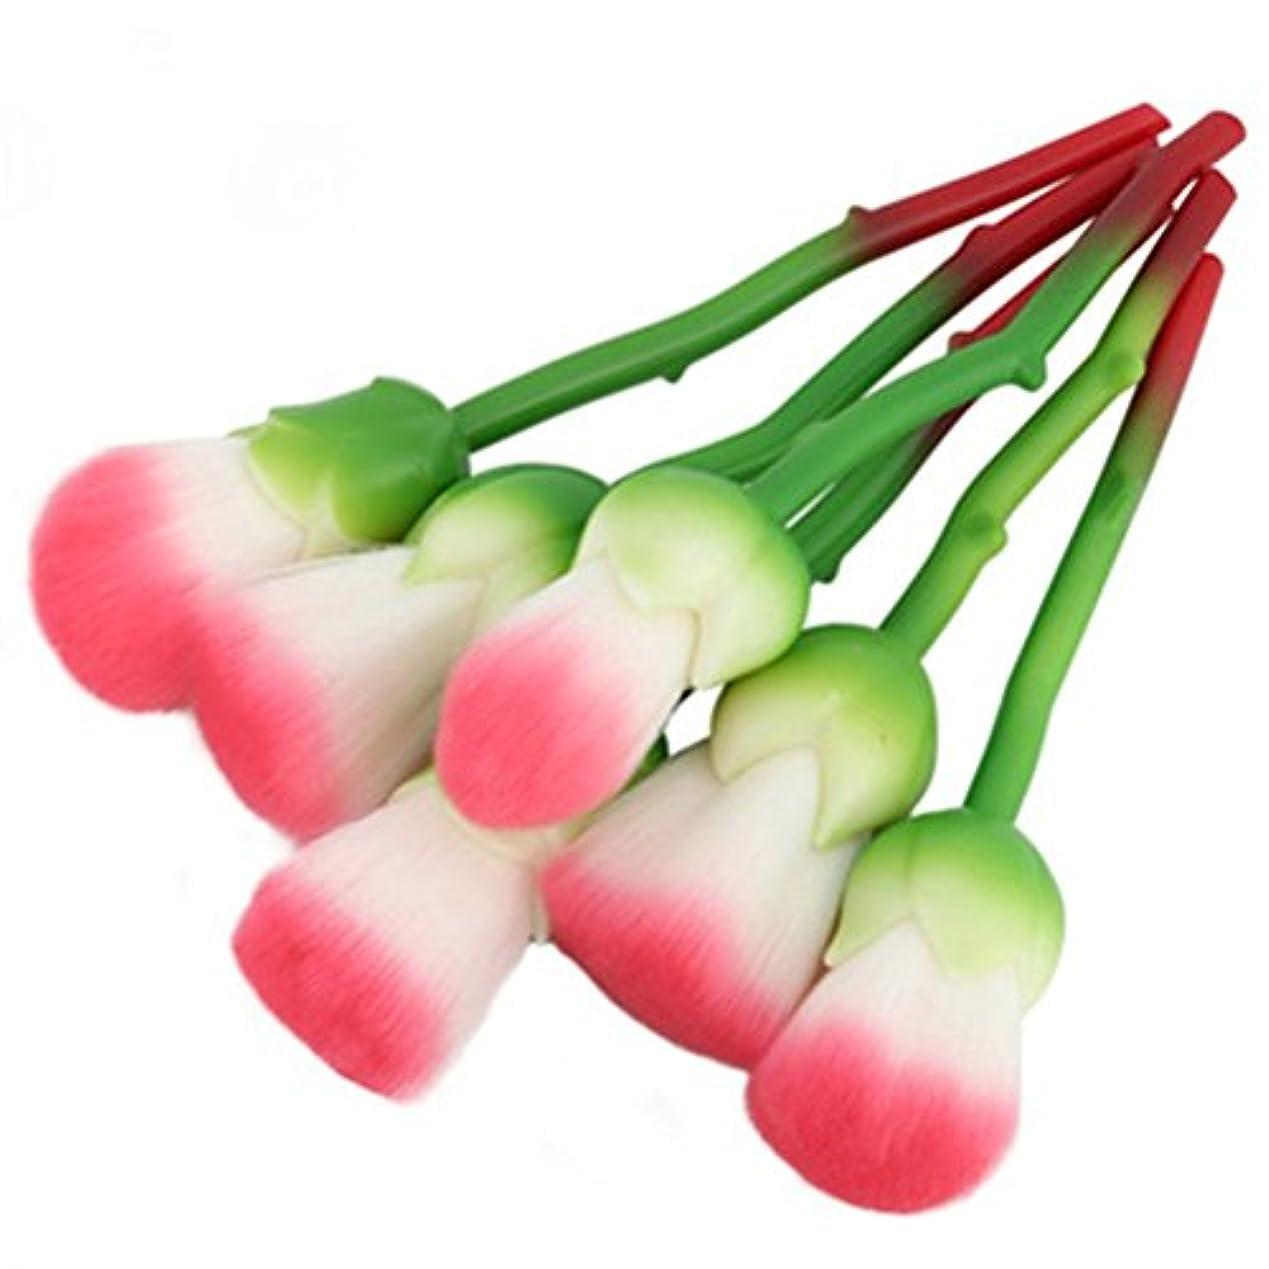 敬の念押す北極圏ディラビューティー(Dilla Beauty) メイクブラシ 薔薇 メイクブラシセット 人気 ファンデーションブラシ 化粧筆 可愛い 化粧ブラシ セット パウダーブラシ フェイスブラシ ローズ メイクブラシ 6本セット ケース付き (グリーン)